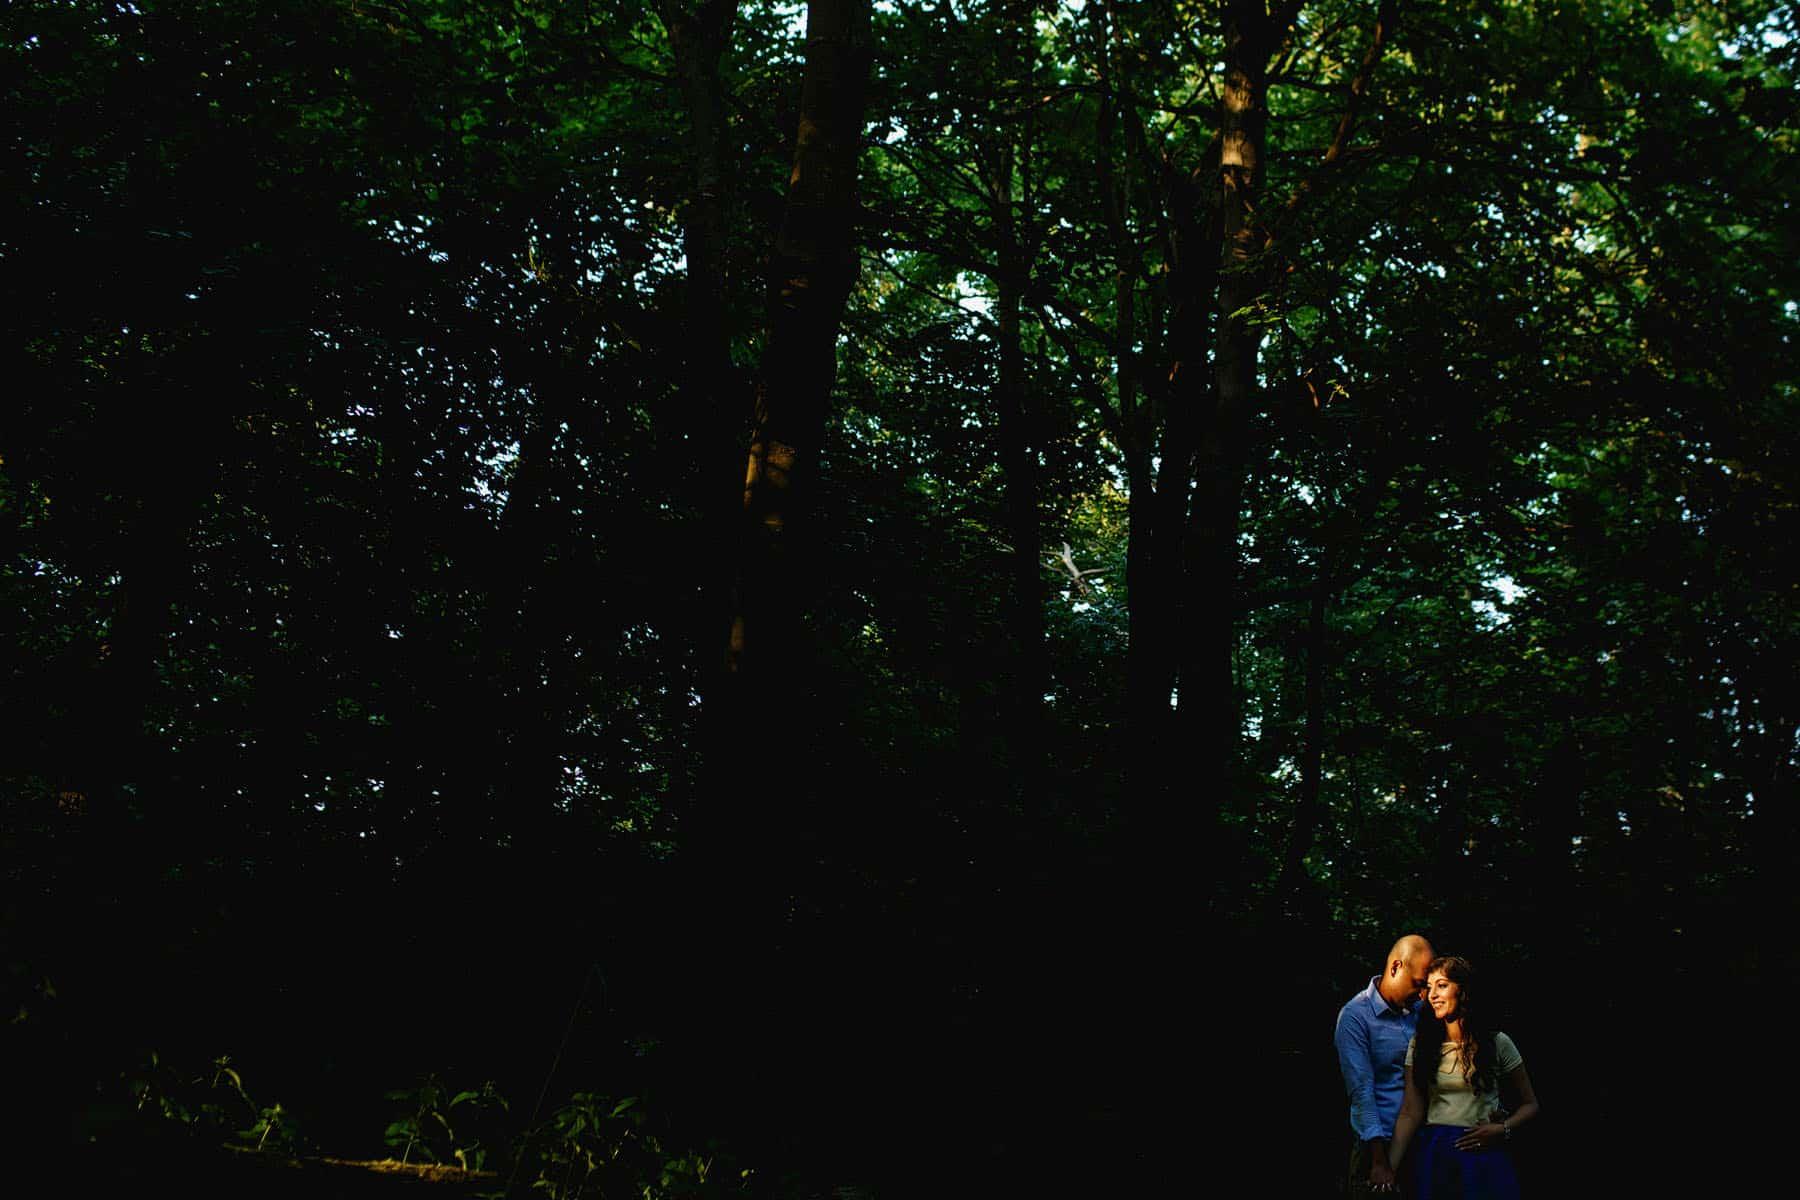 black park denham photos